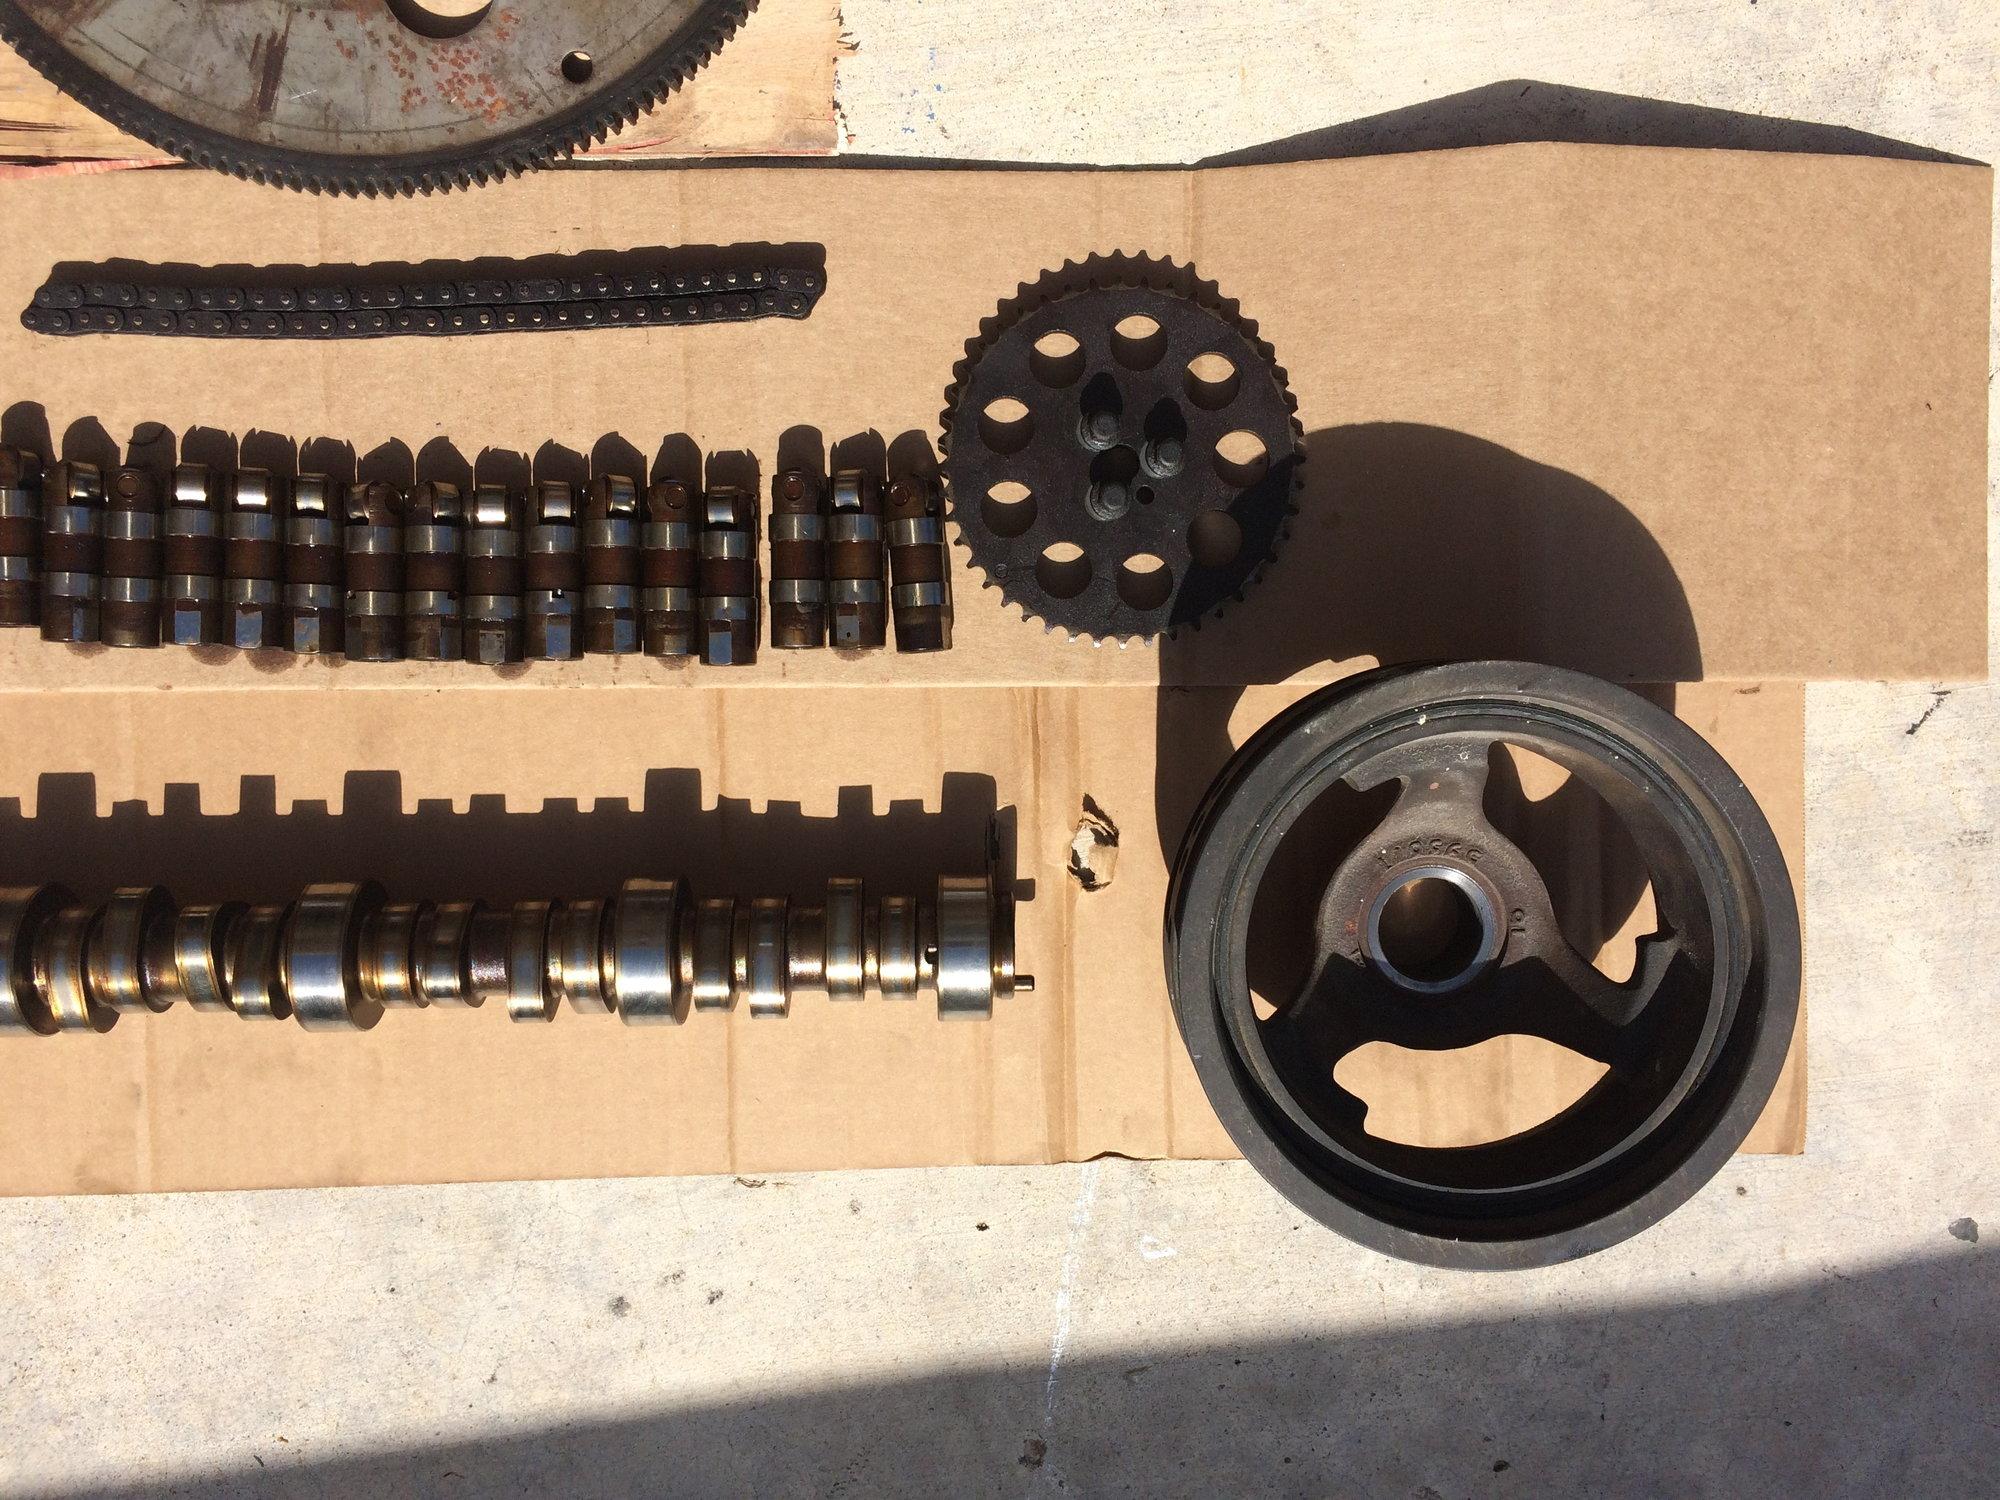 Stock 5 3 Lm7 Parts - Ls1tech